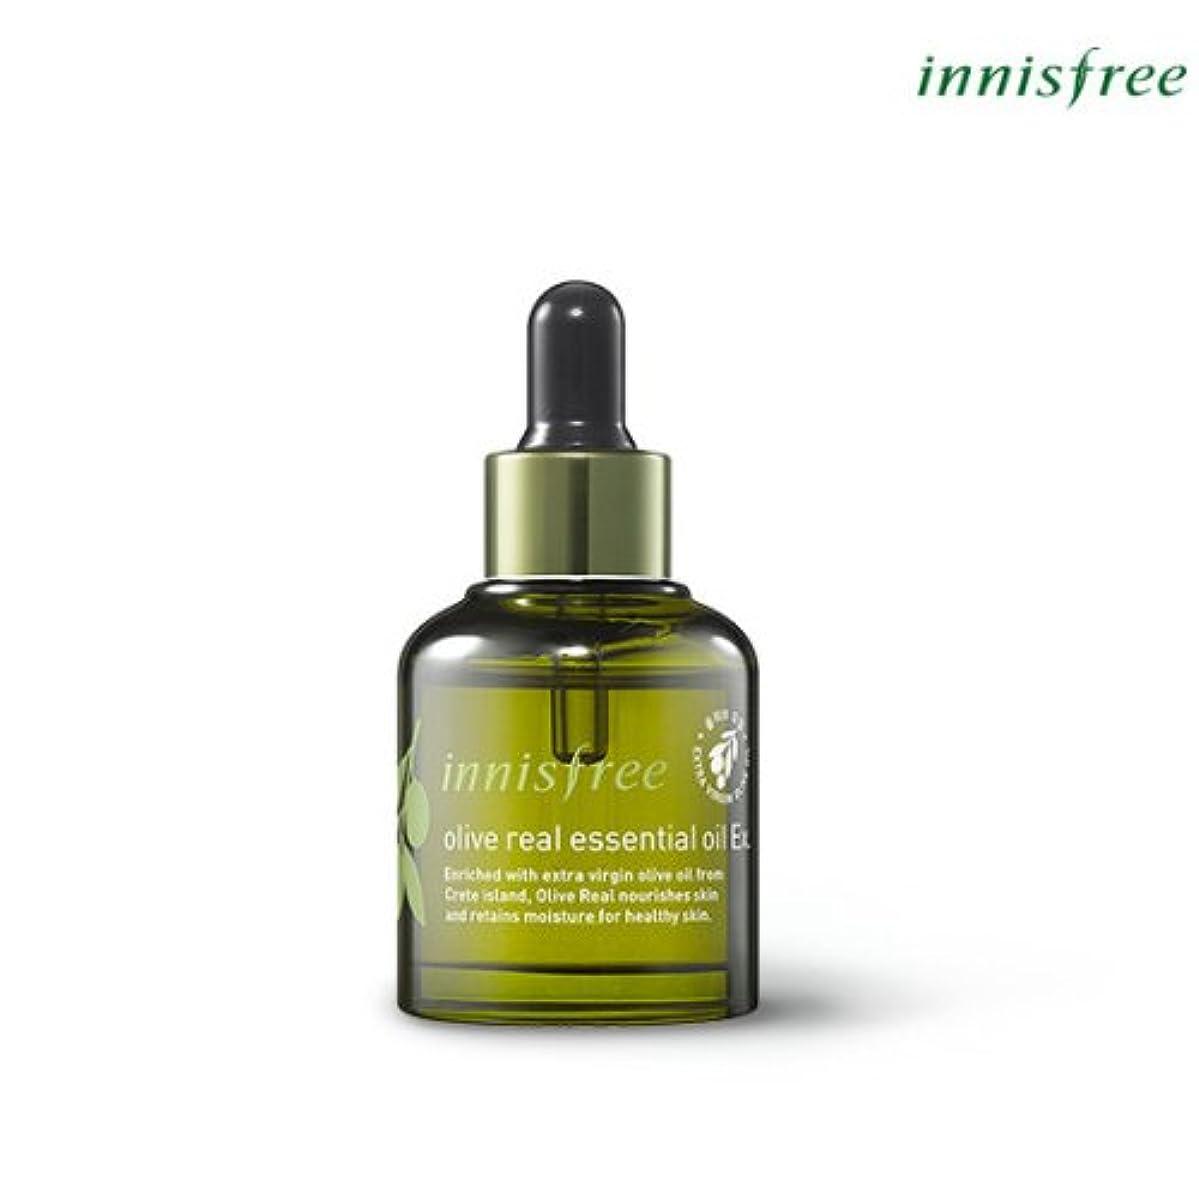 敵意ライター付録[INNISFREE]イニスフリーオリーブリアルエッセンシャルオイルEx.30ml olive real essential oil Ex.30ml [並行輸入品]